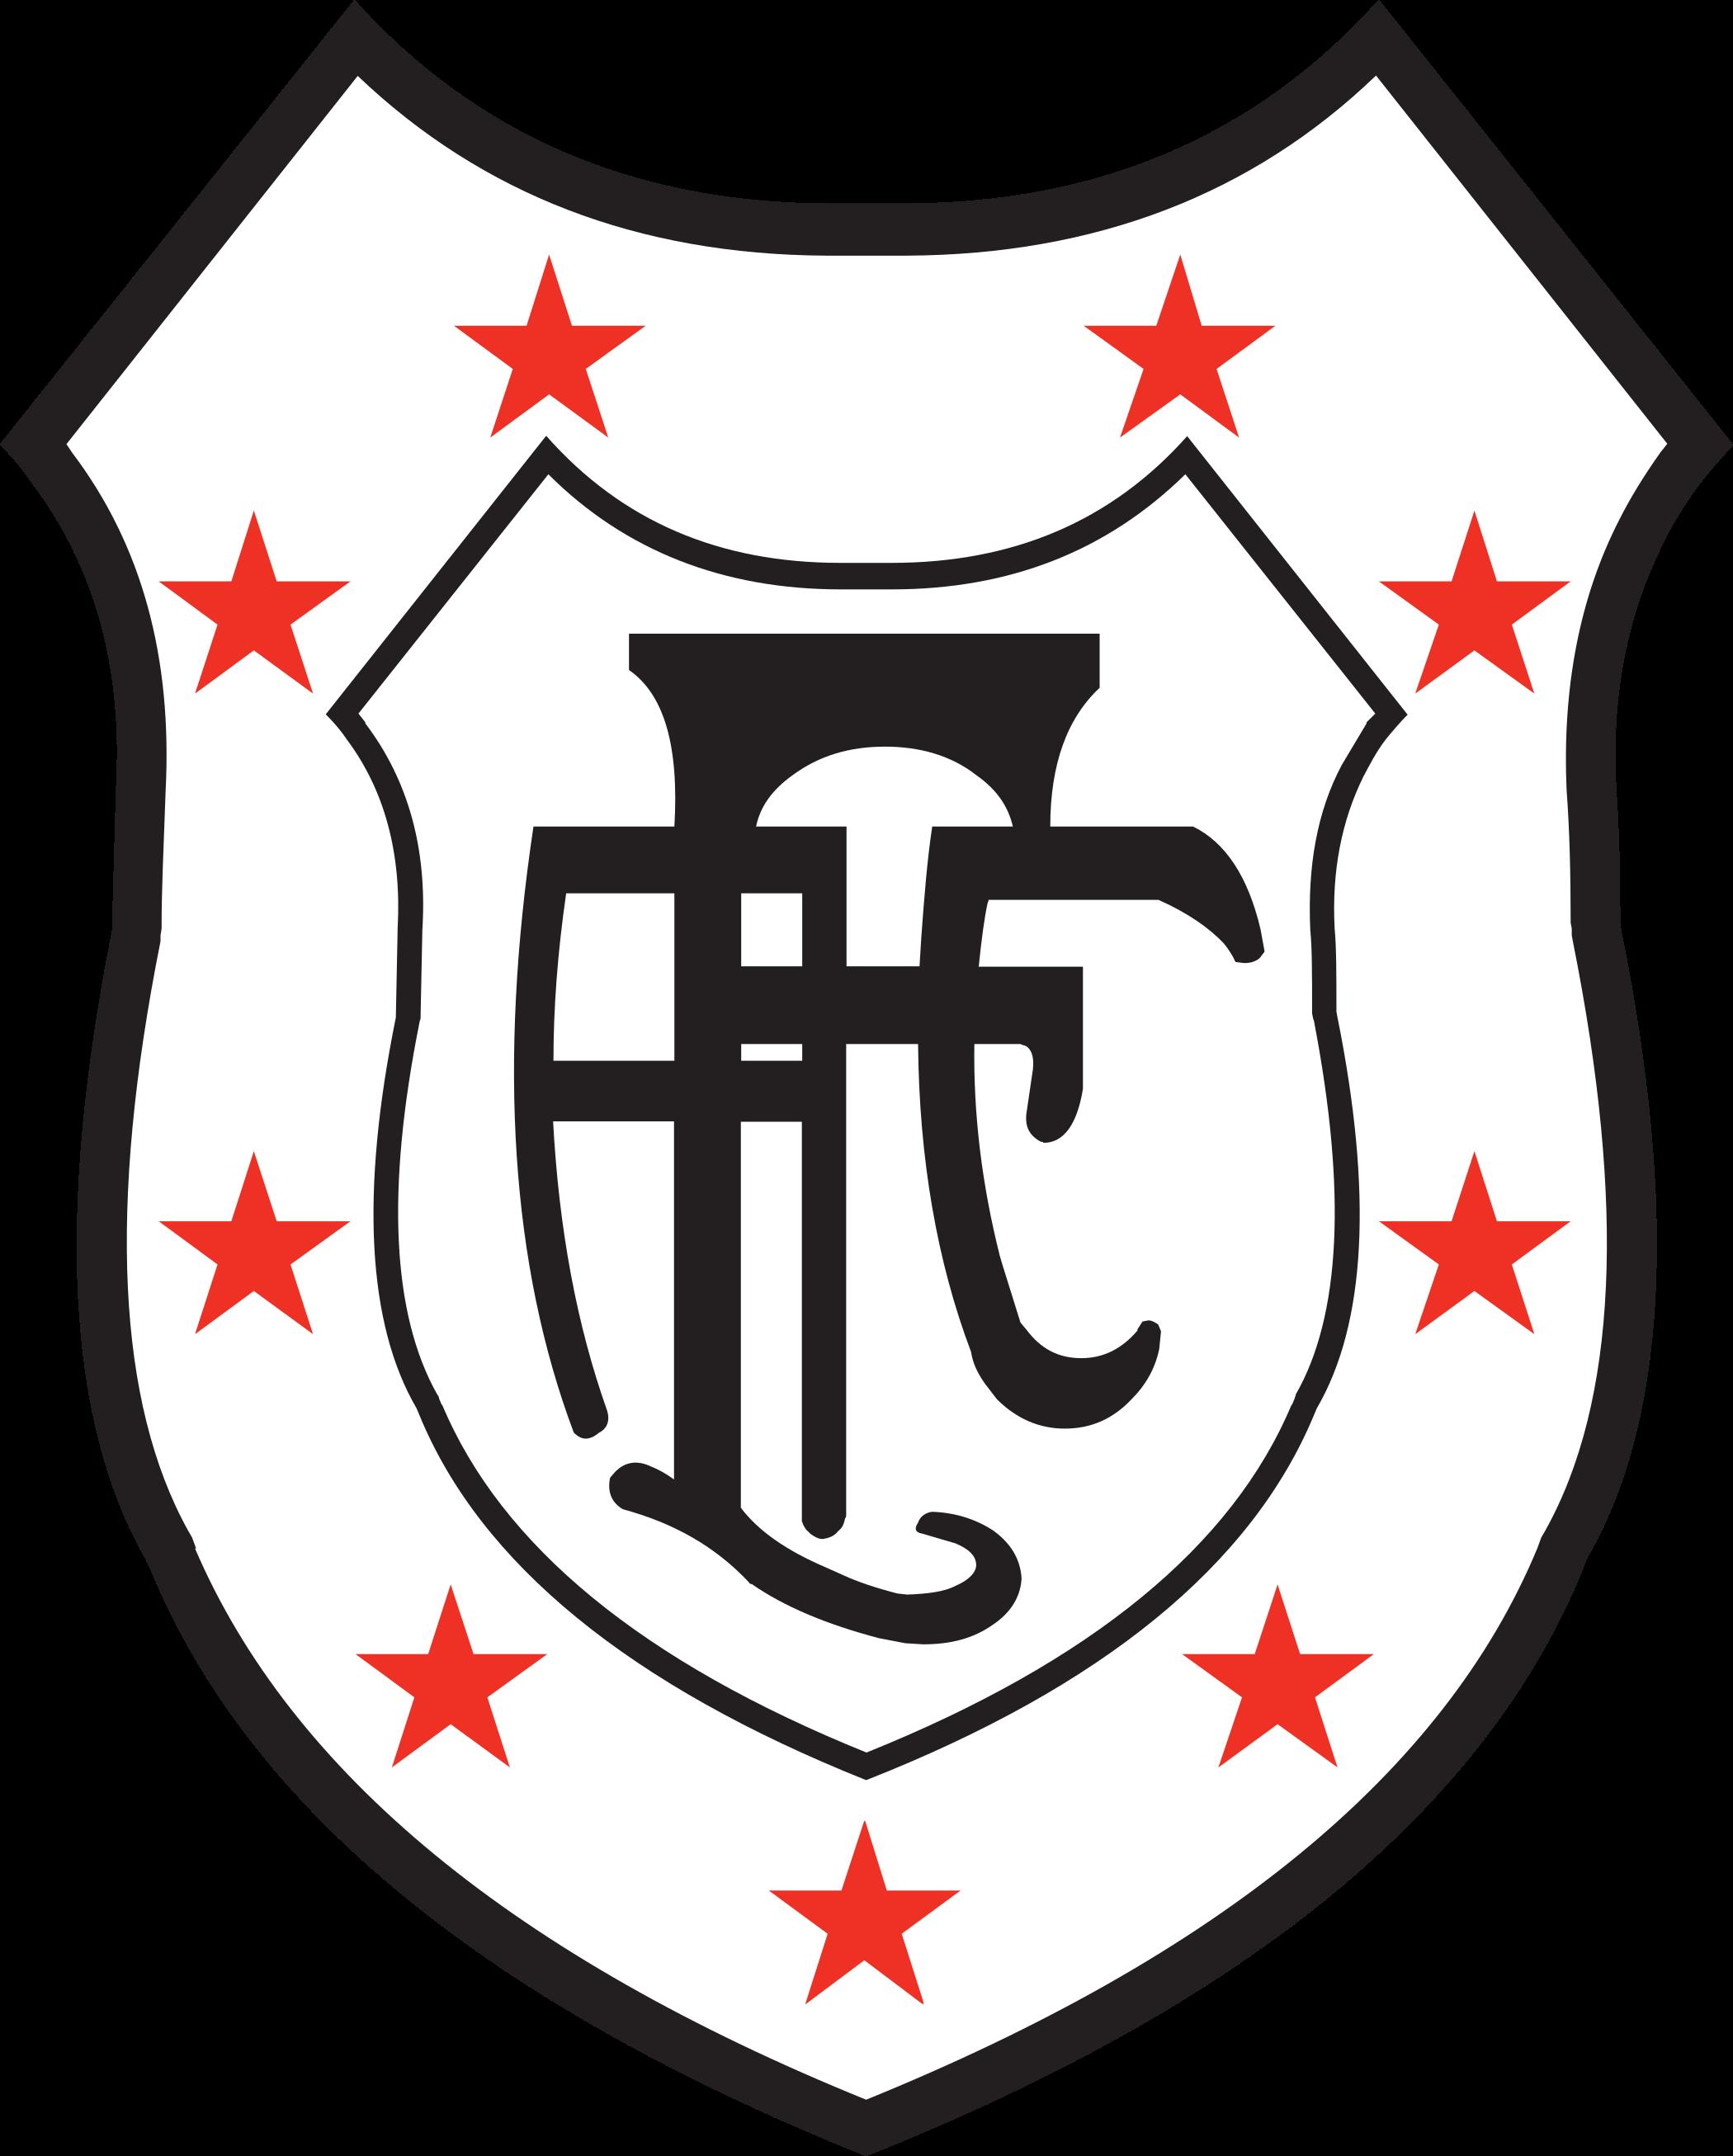 americano-rj-logo-escudo-1